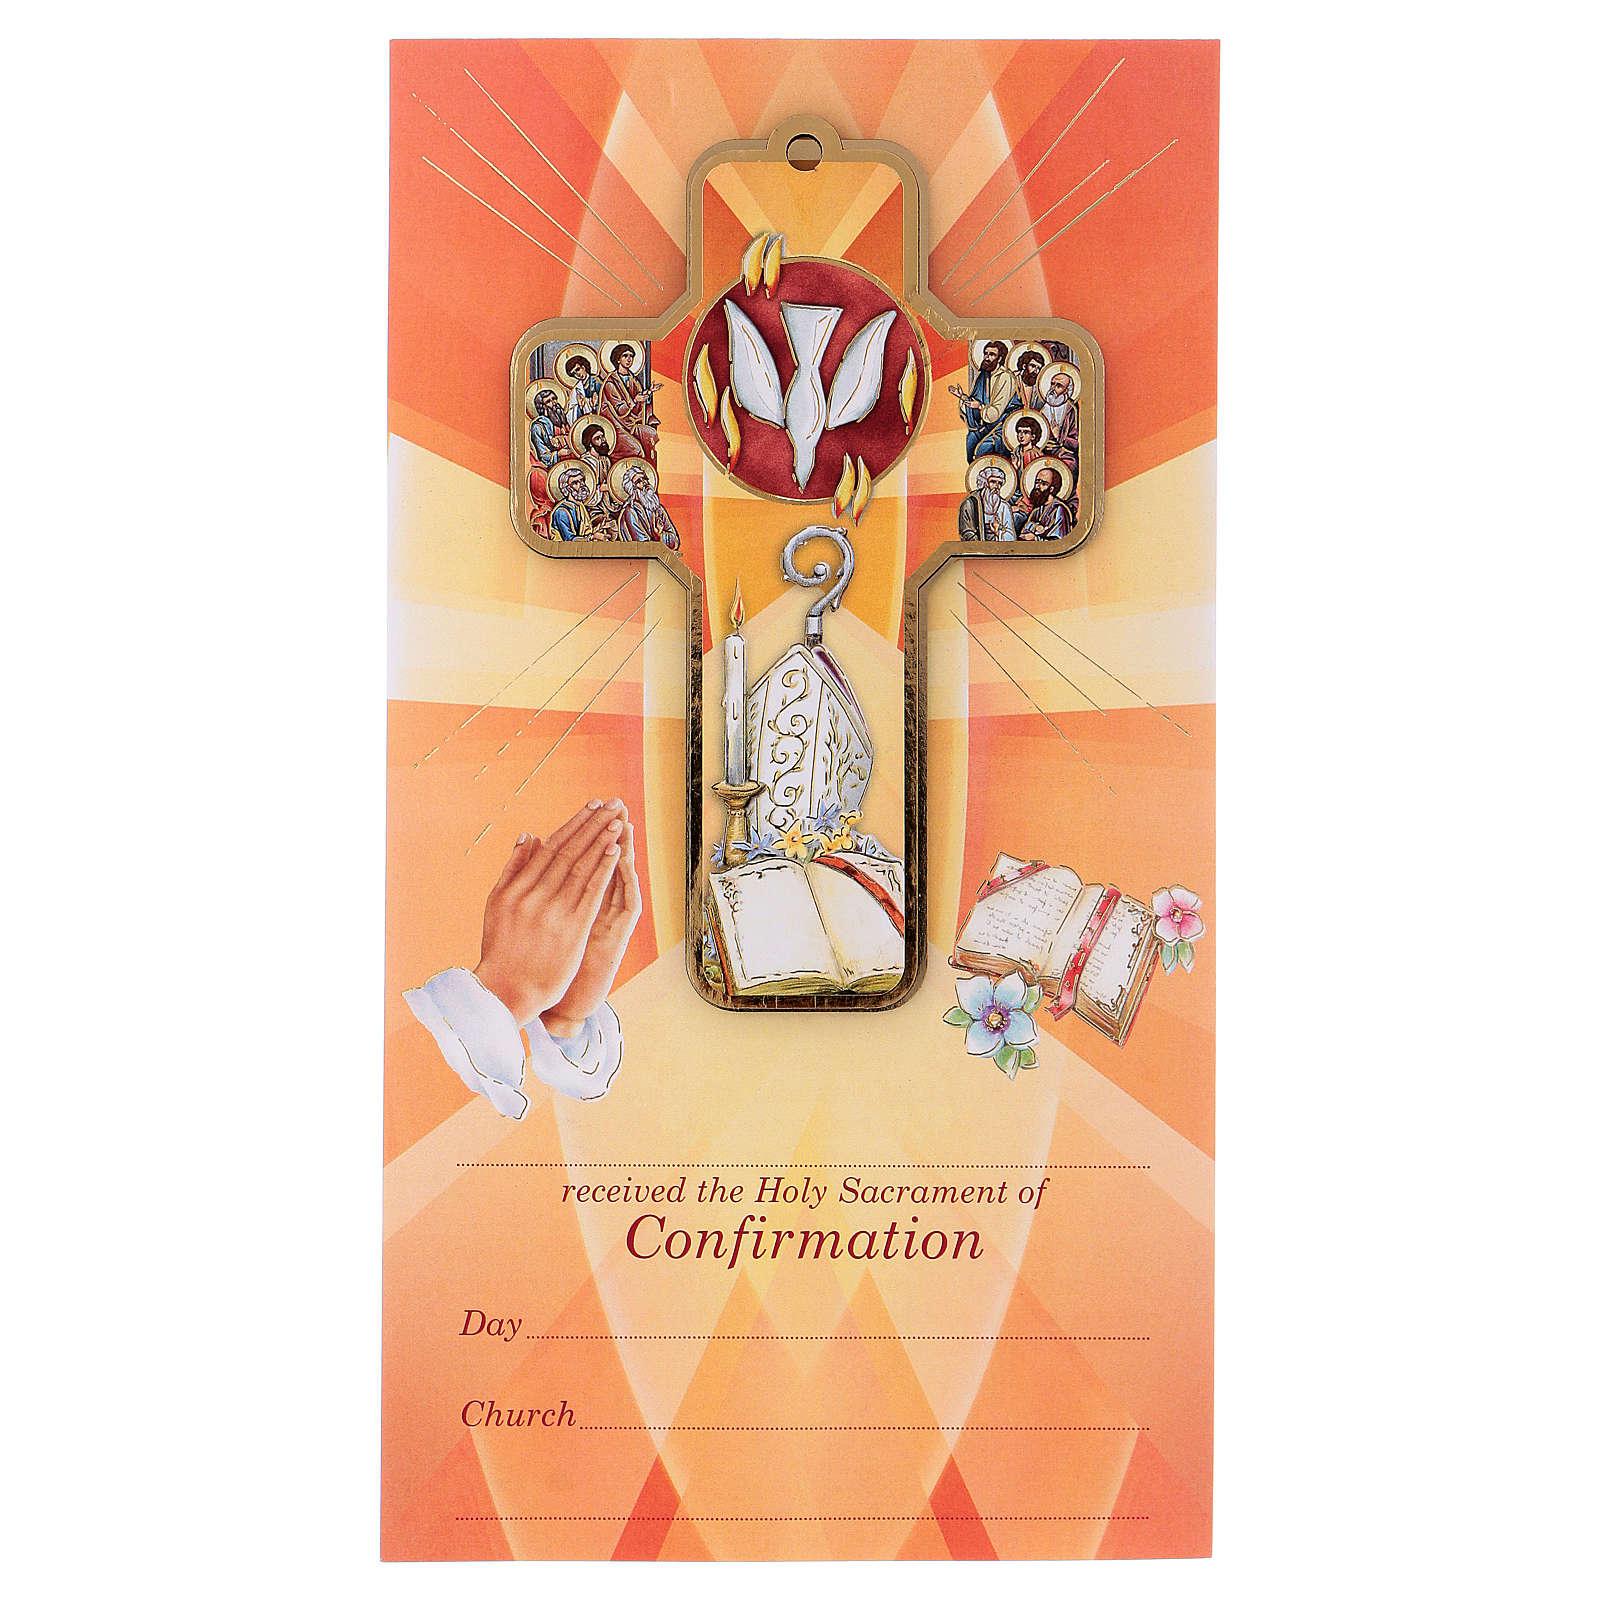 Recuerdo de los sacramentos confirmación INGLÉS 22x12 cm 3